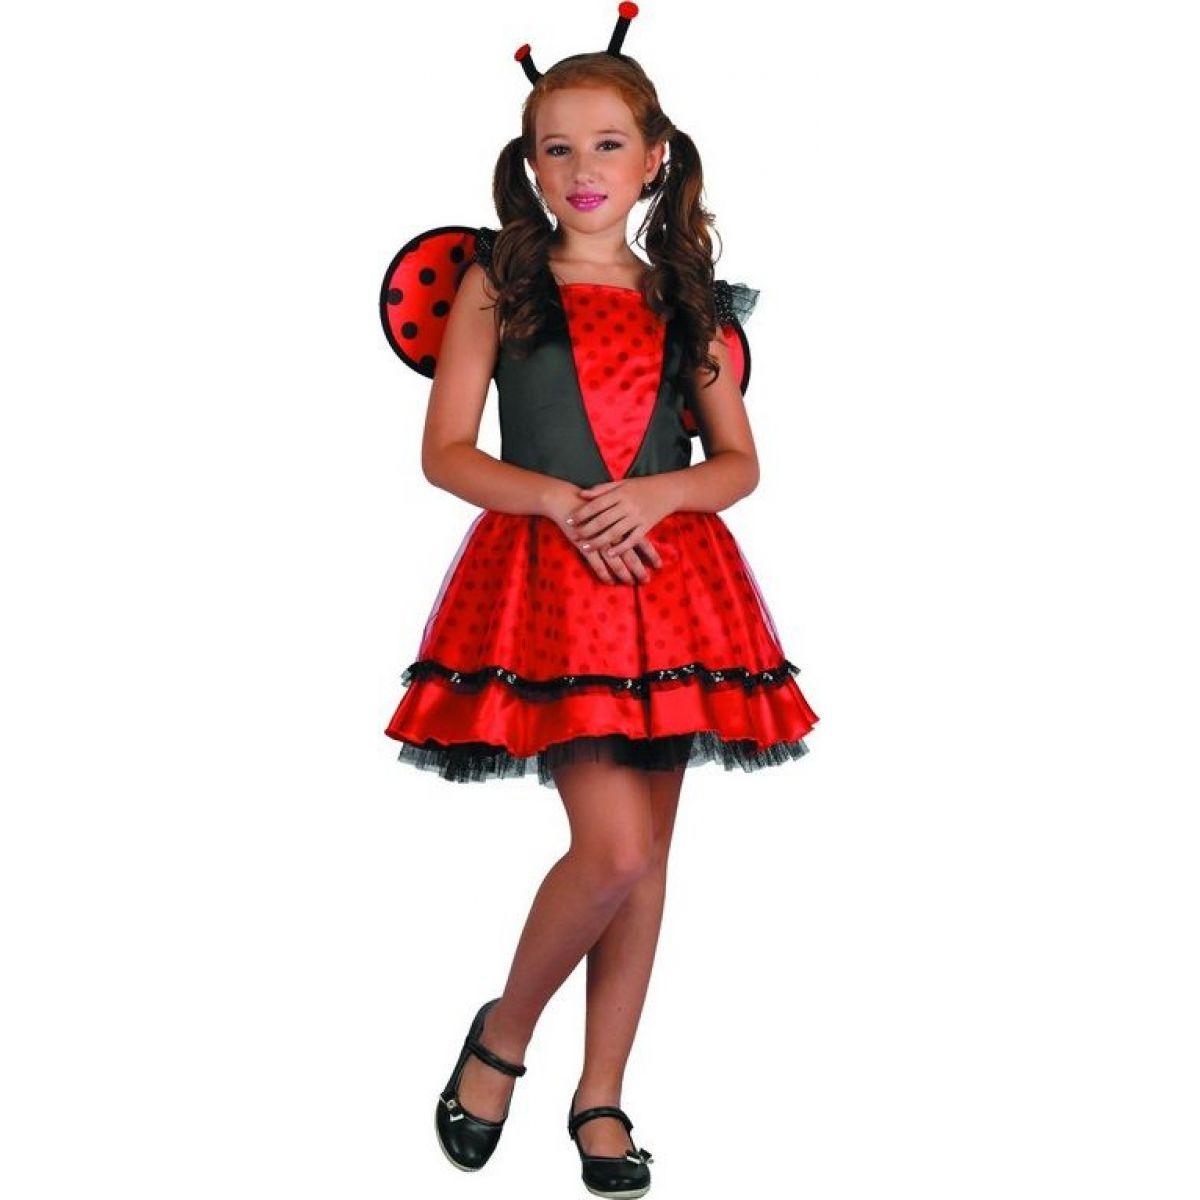 Dětský karnevalový kostým Beruška 120-130 cm